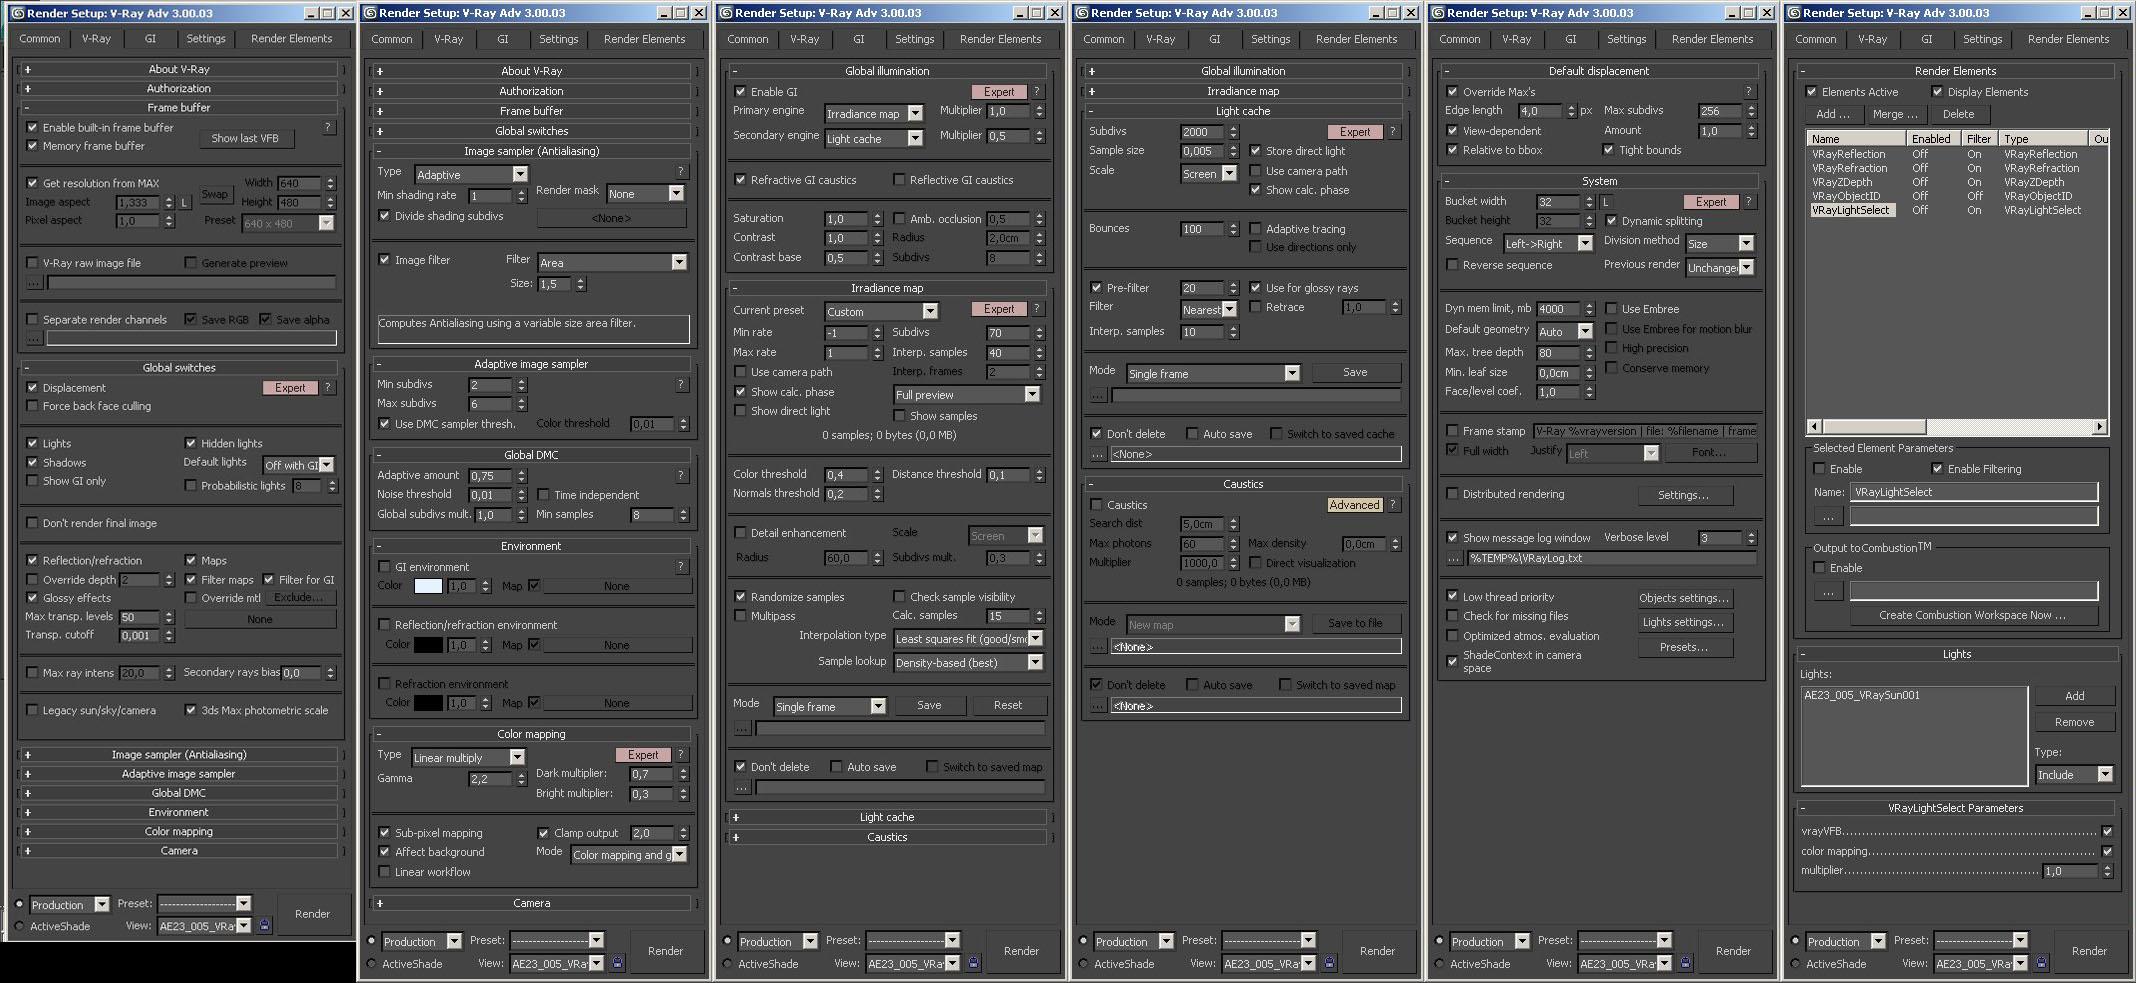 ae_23_s5_render_settings.jpg